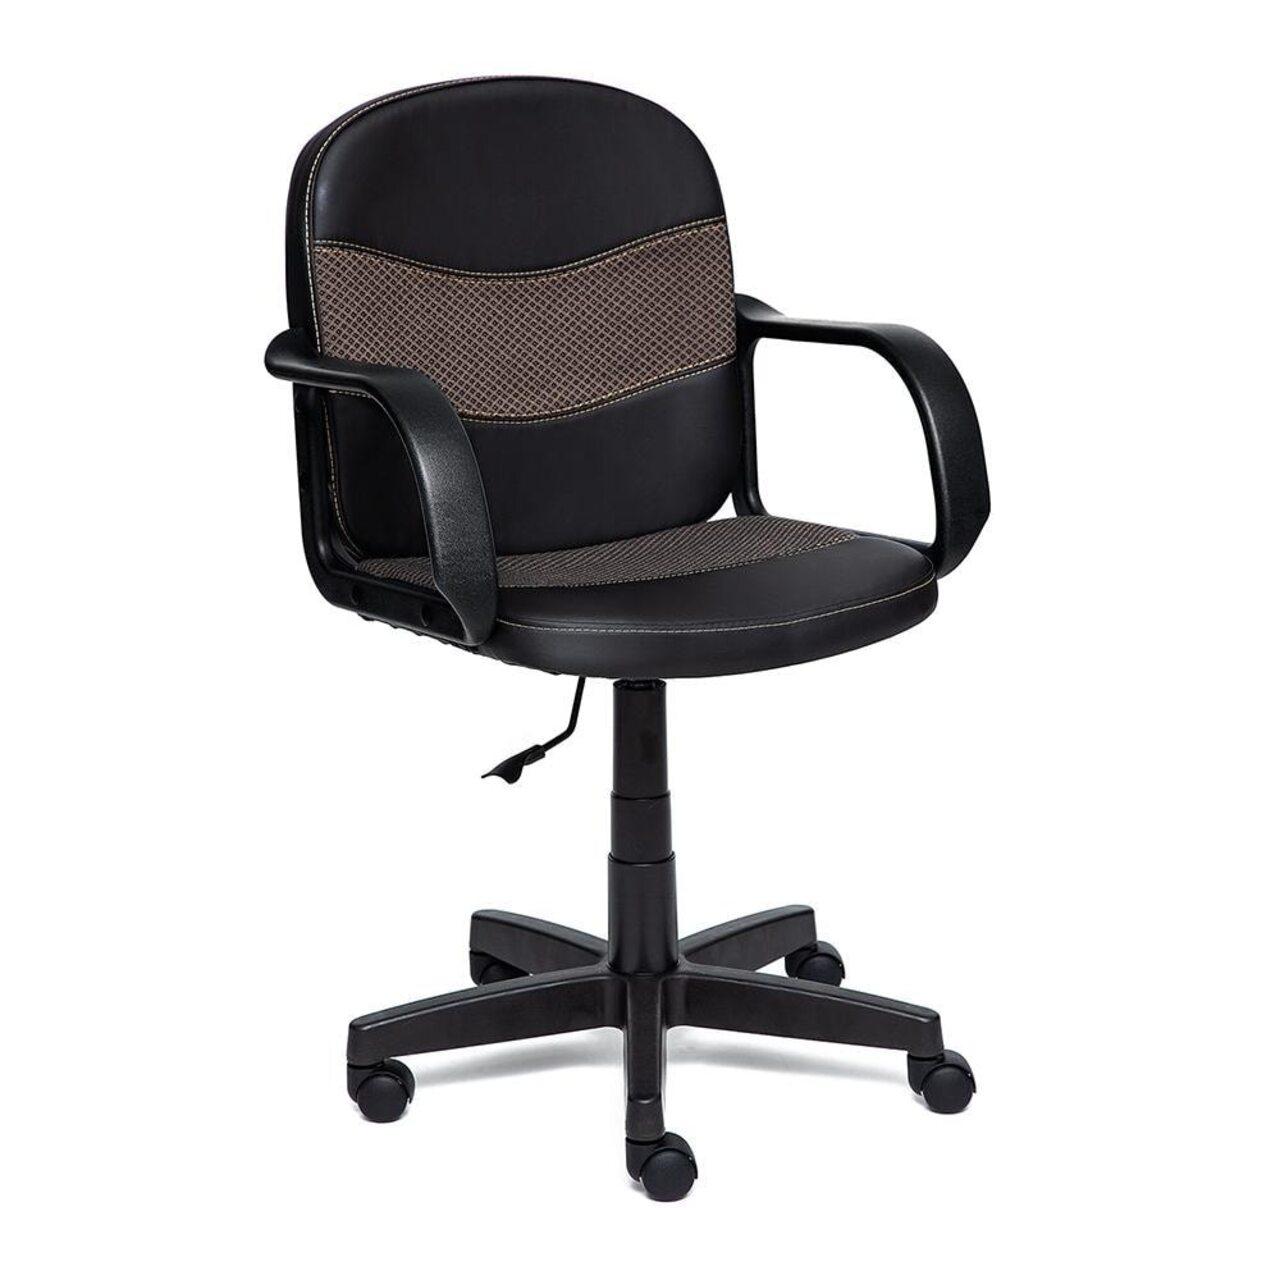 Кресло для персонала BAGGI (искусственная кожа + ткань) - фото 1